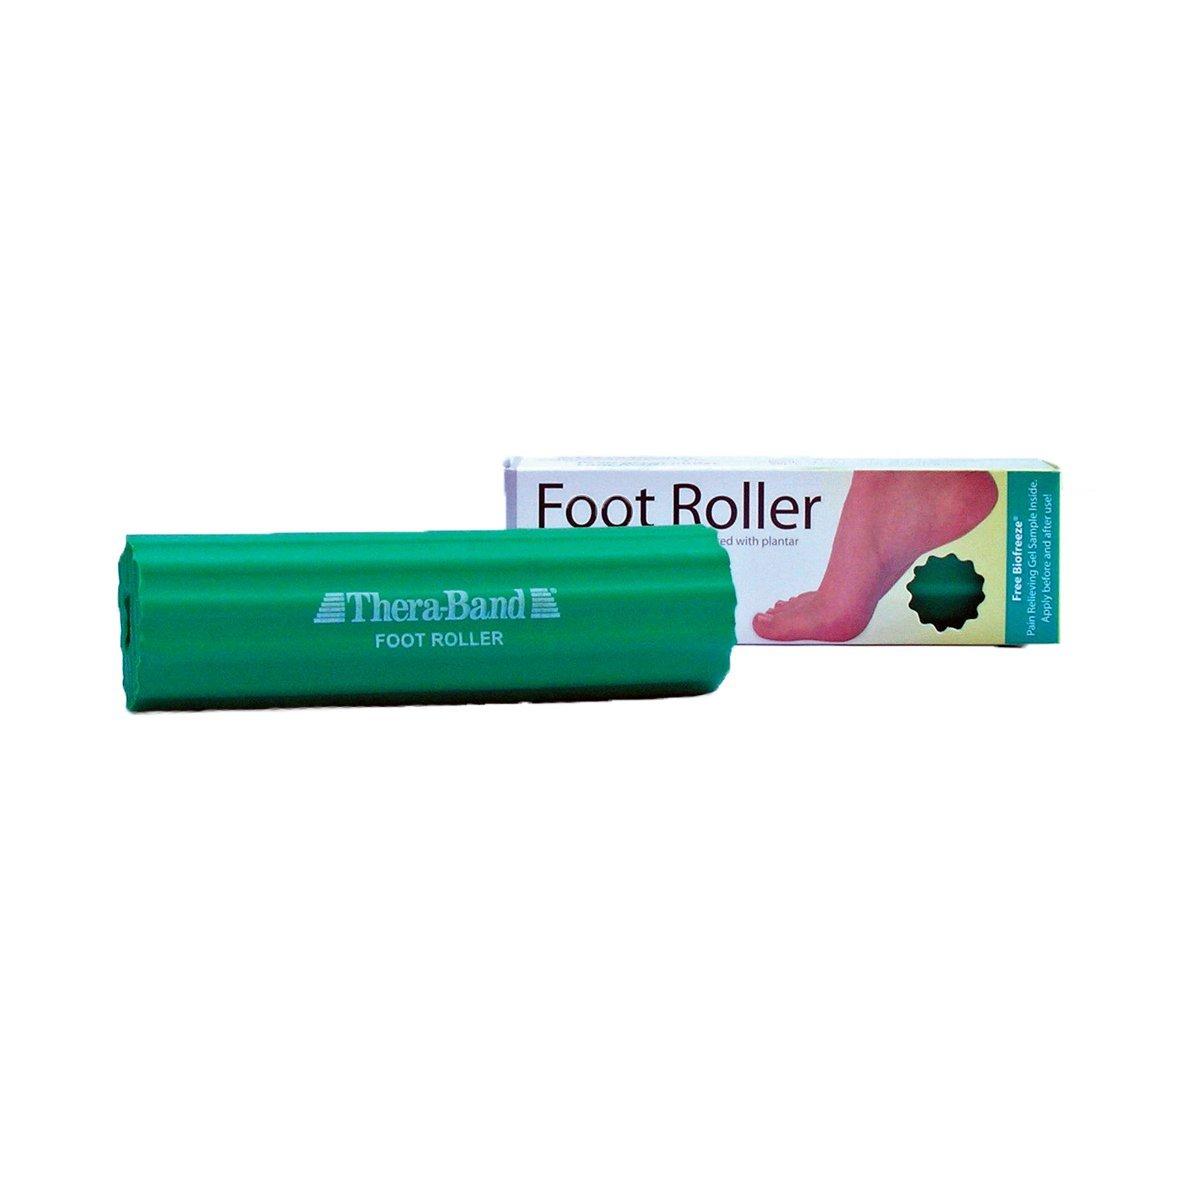 footroller.jpg